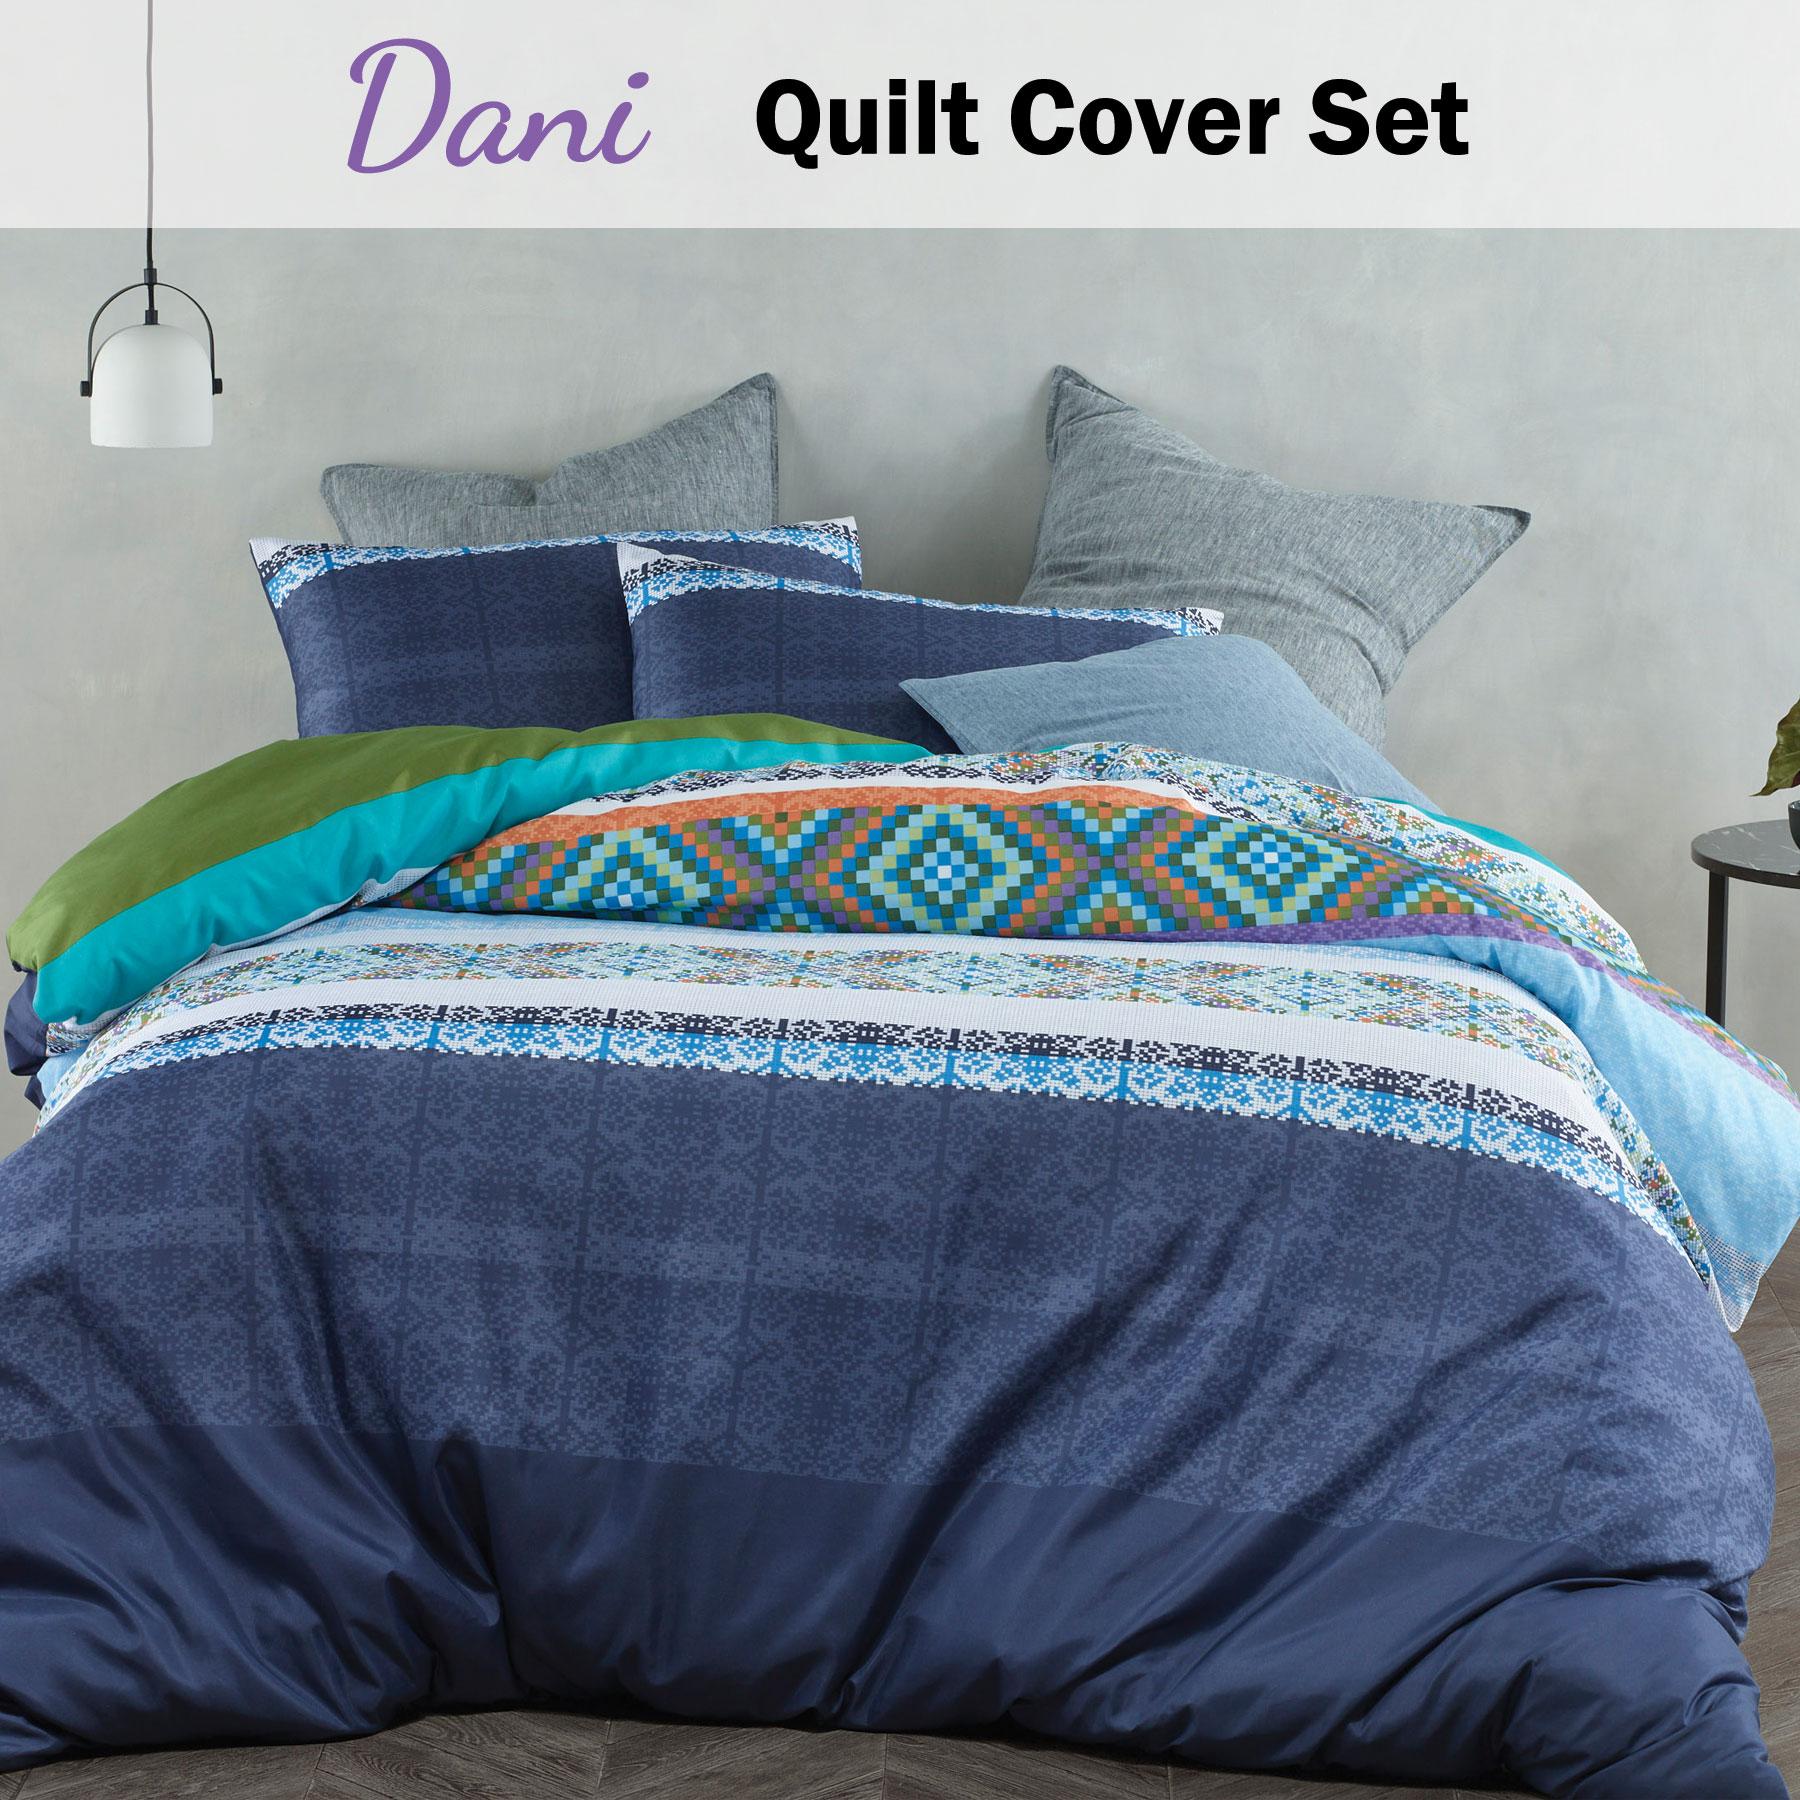 Geometric Quilt Doona Single Queen Size Bedspreads Coverlet Blanket Comforter